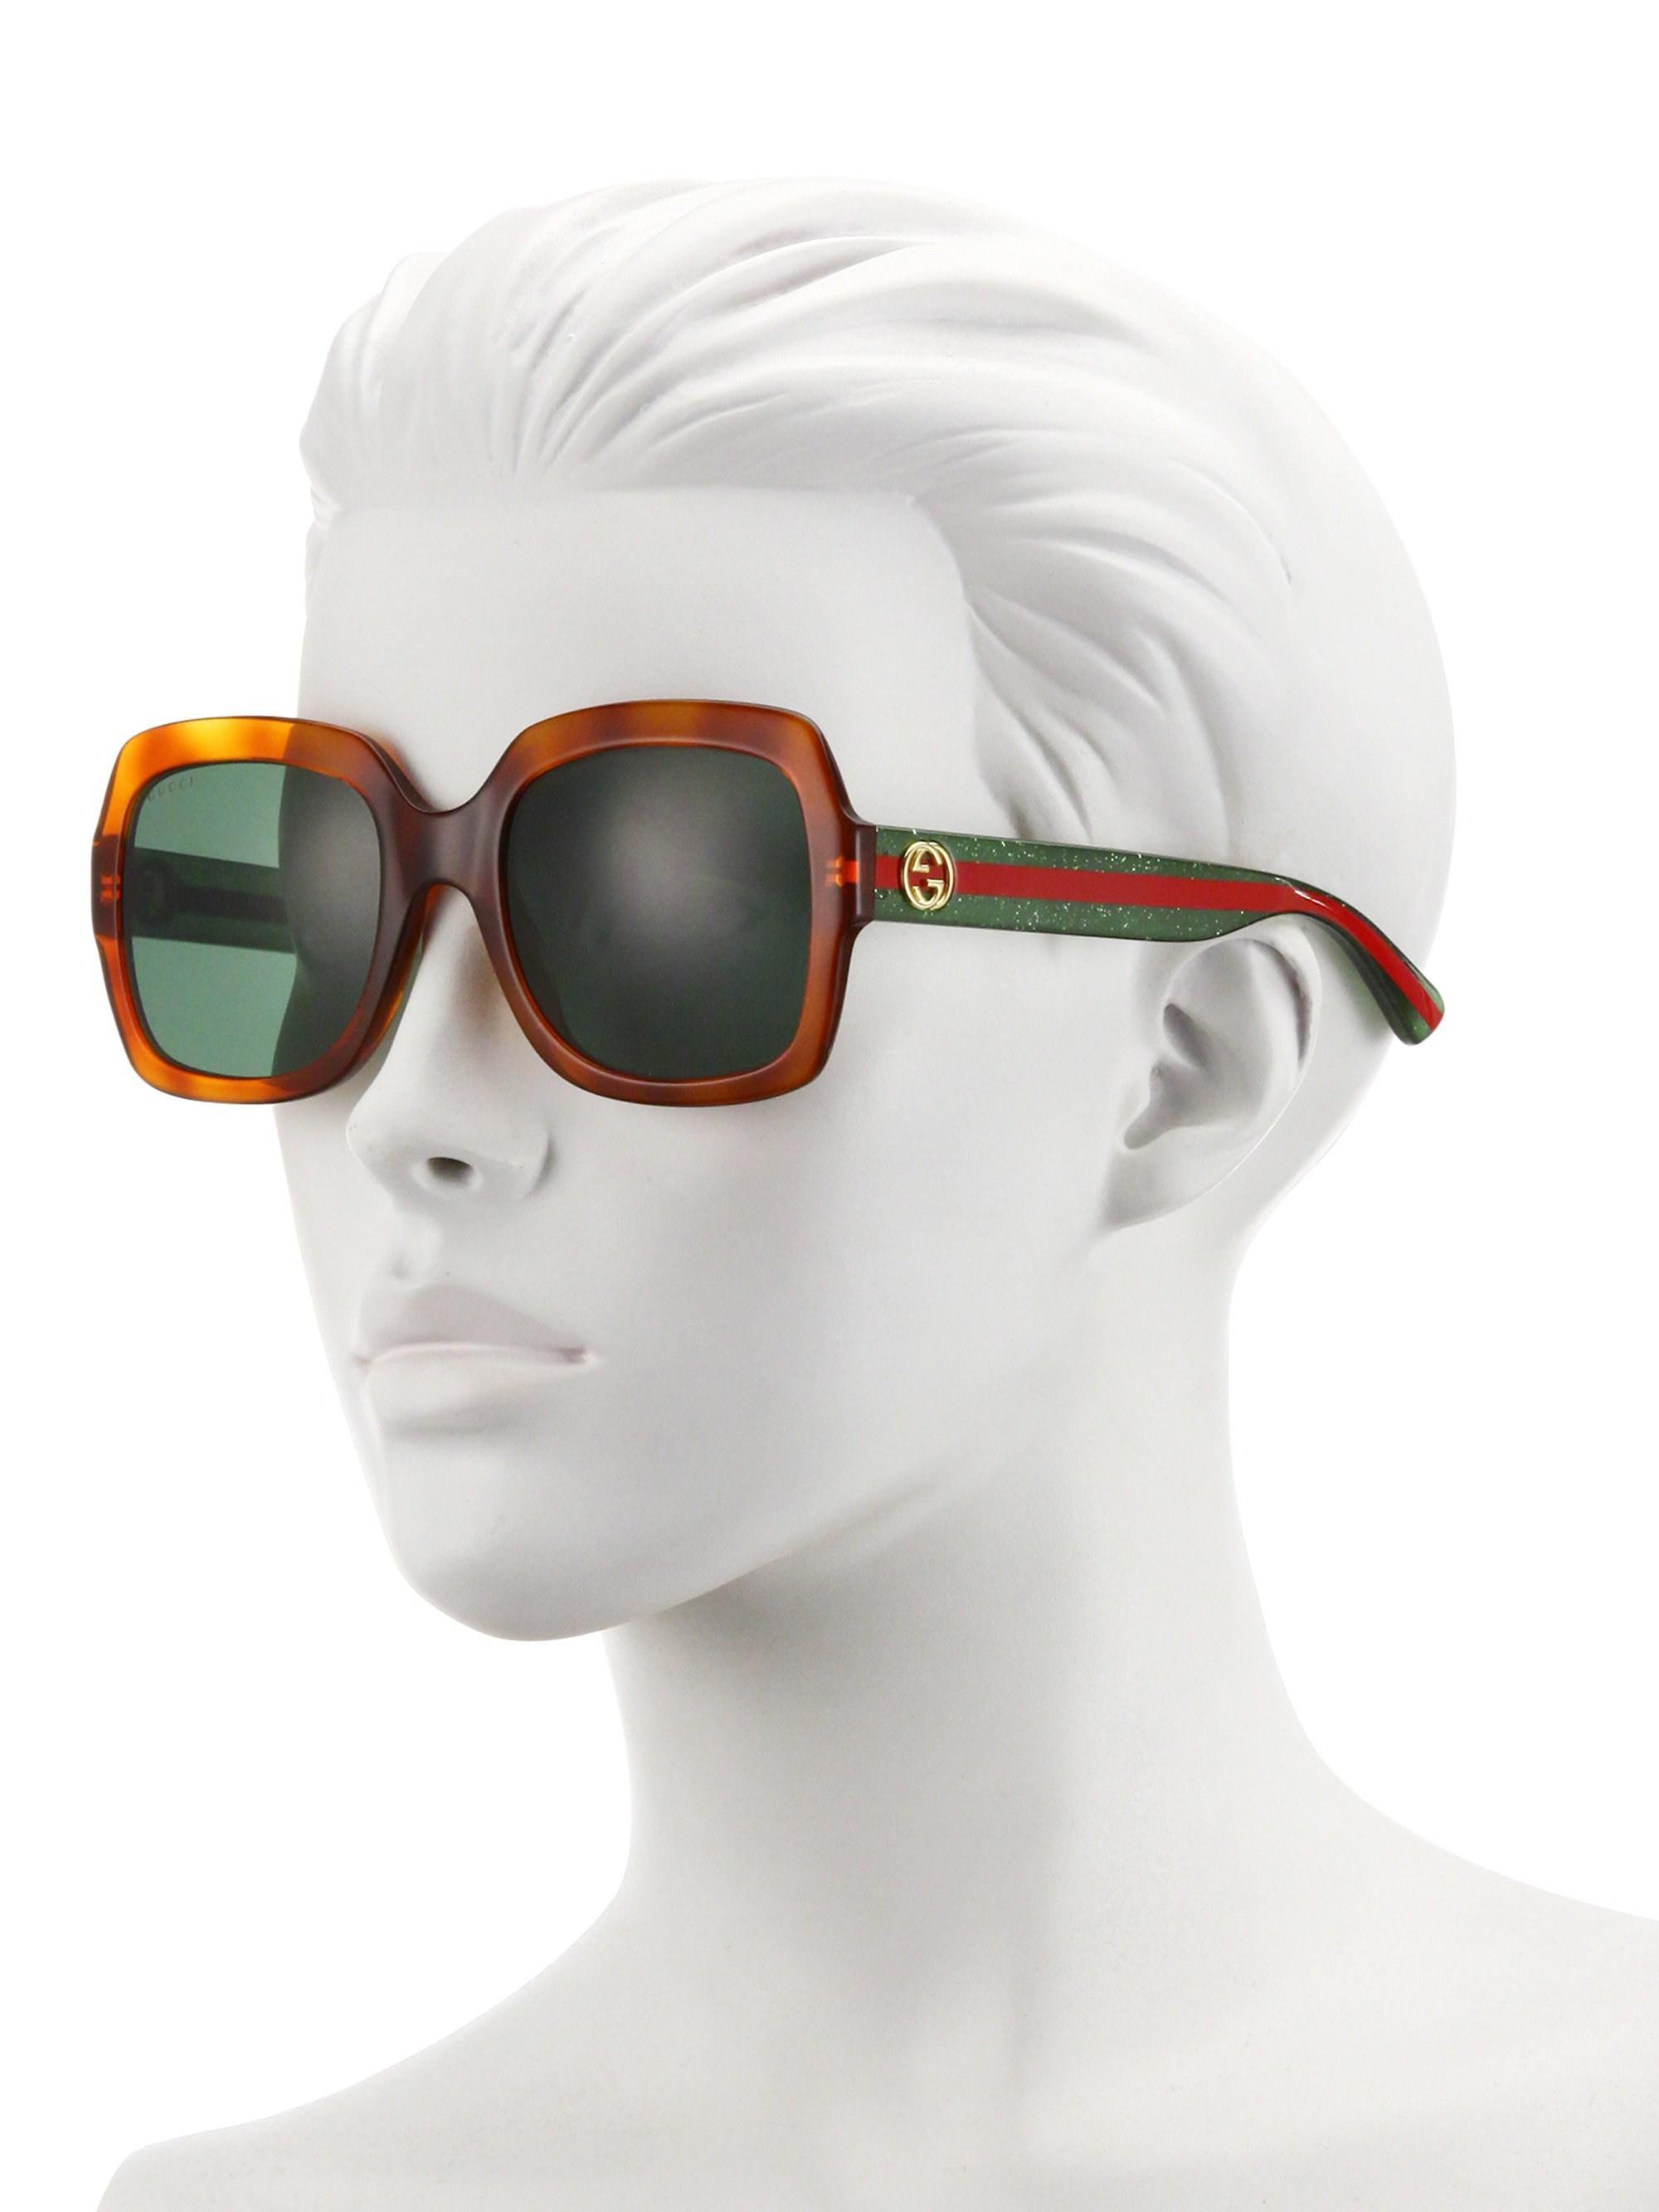 5294ecedc8 Gucci 54mm Glitter Web Oversized Square Sunglasses - Lyst